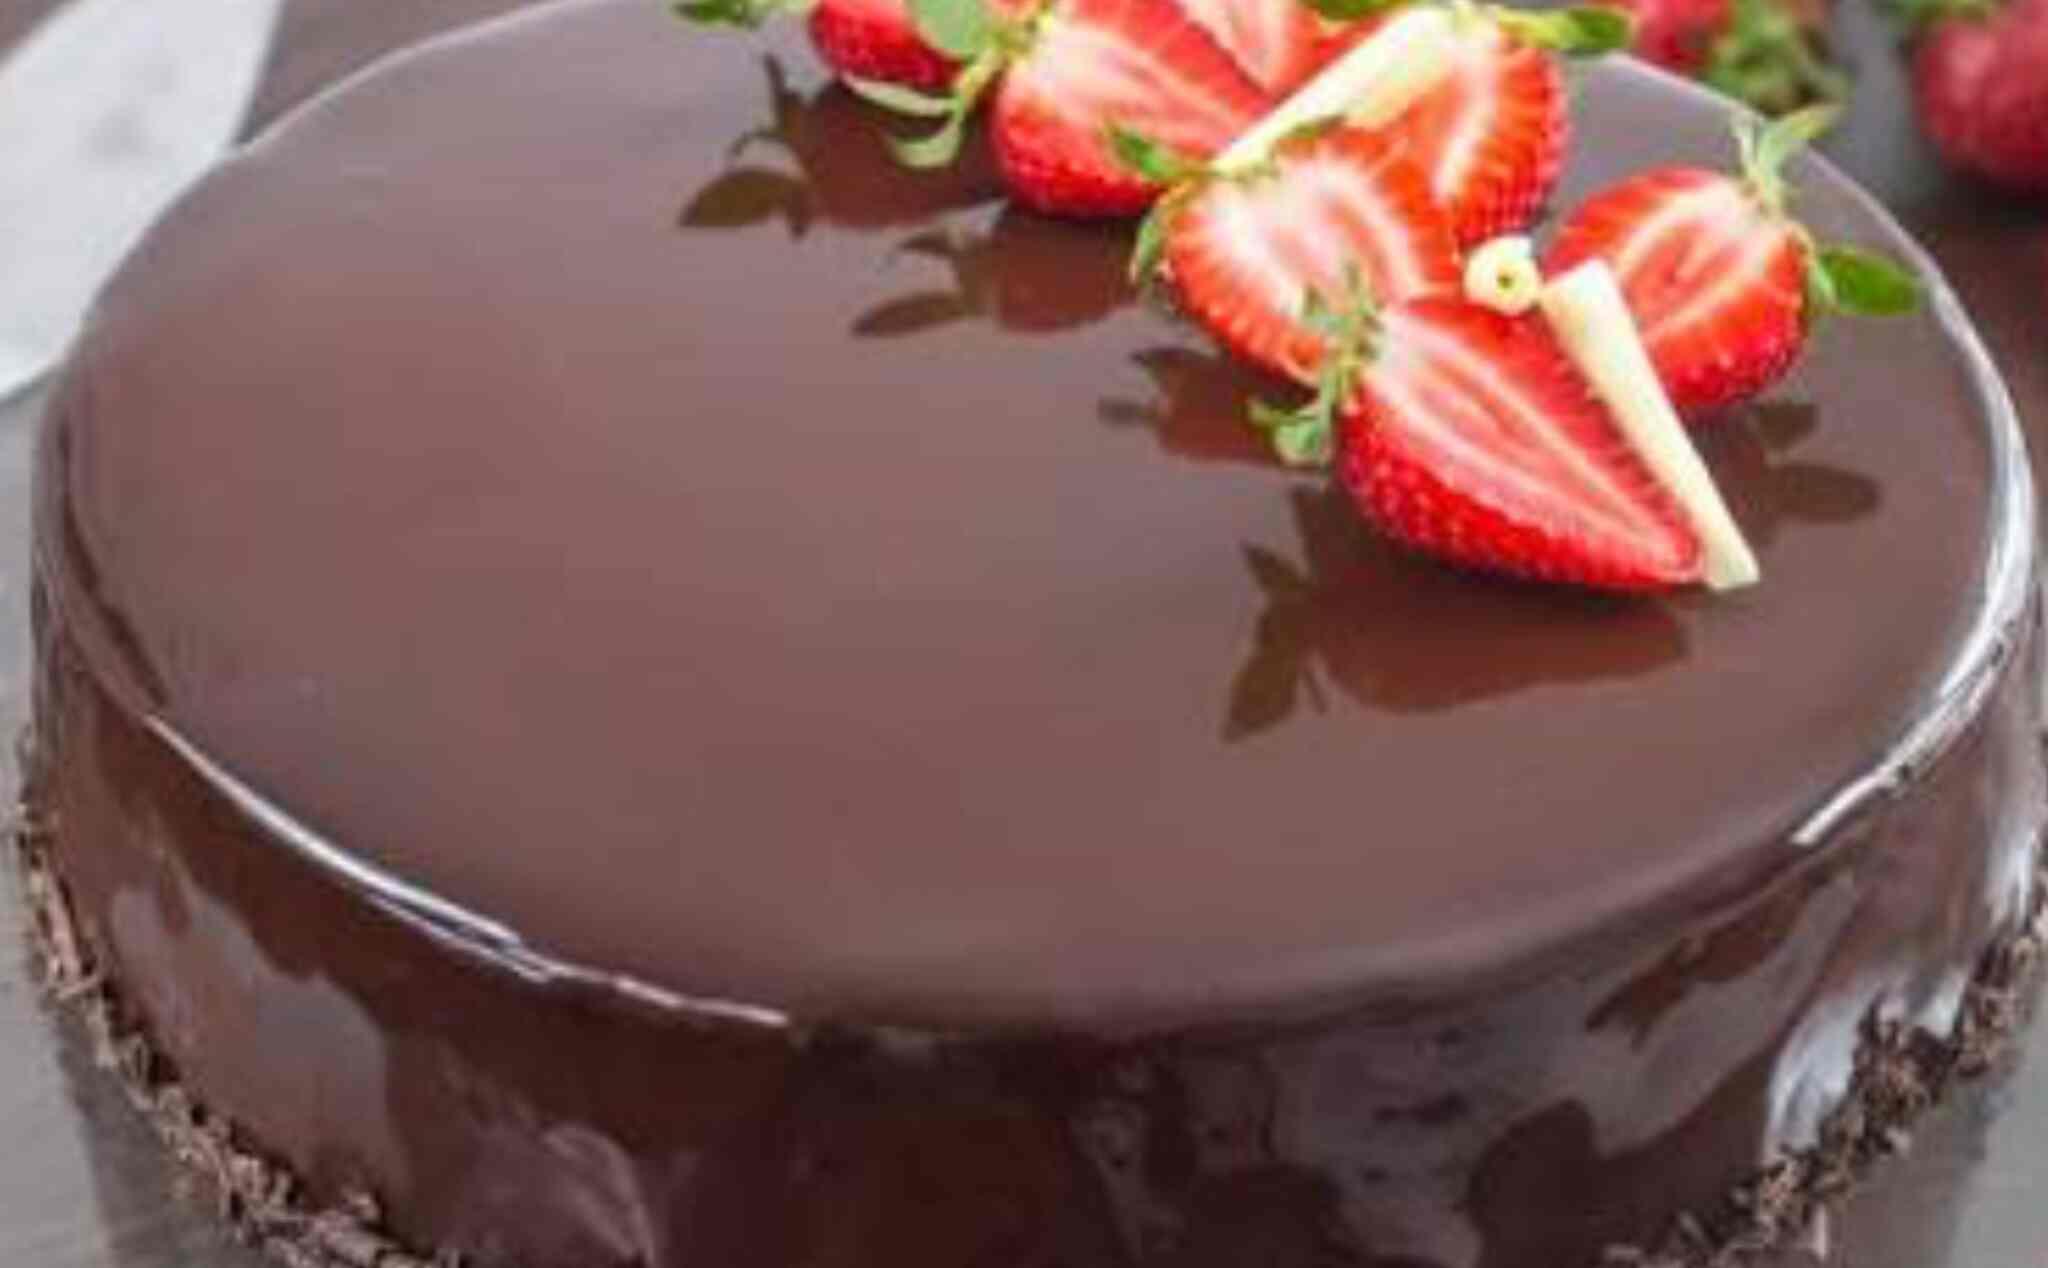 delicious-cake-shop-mumbai-nwuwz.jpg